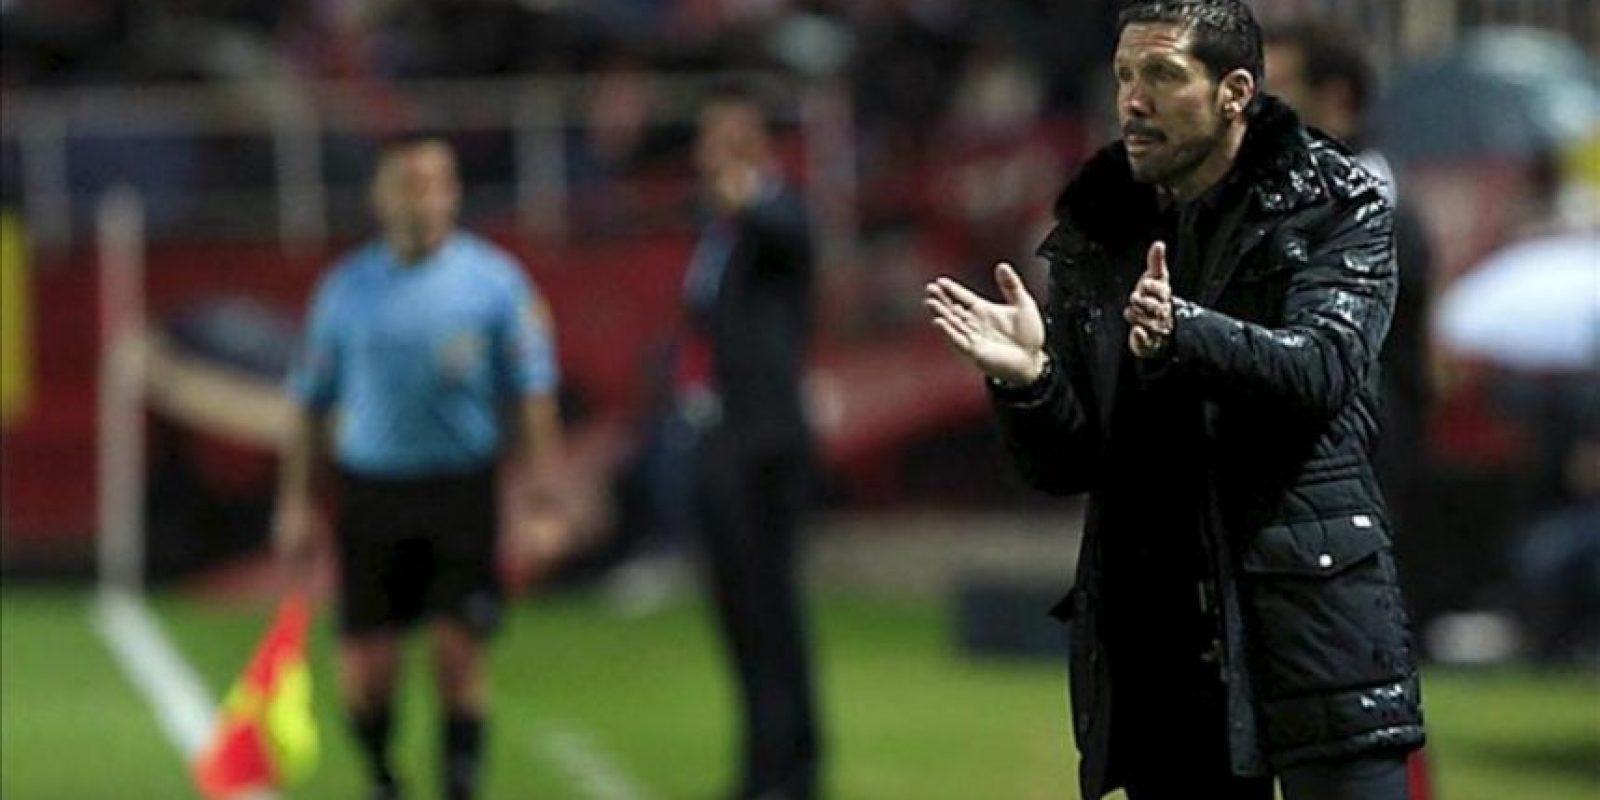 El entrenador argentino del Atlético de Madrid, Diego Simeone, anima a sus jugadores durante el partido de vuelta de la semifinal de la Copa del Rey ante el Sevilla en el estadio Sánchez Pizjuán. EFE